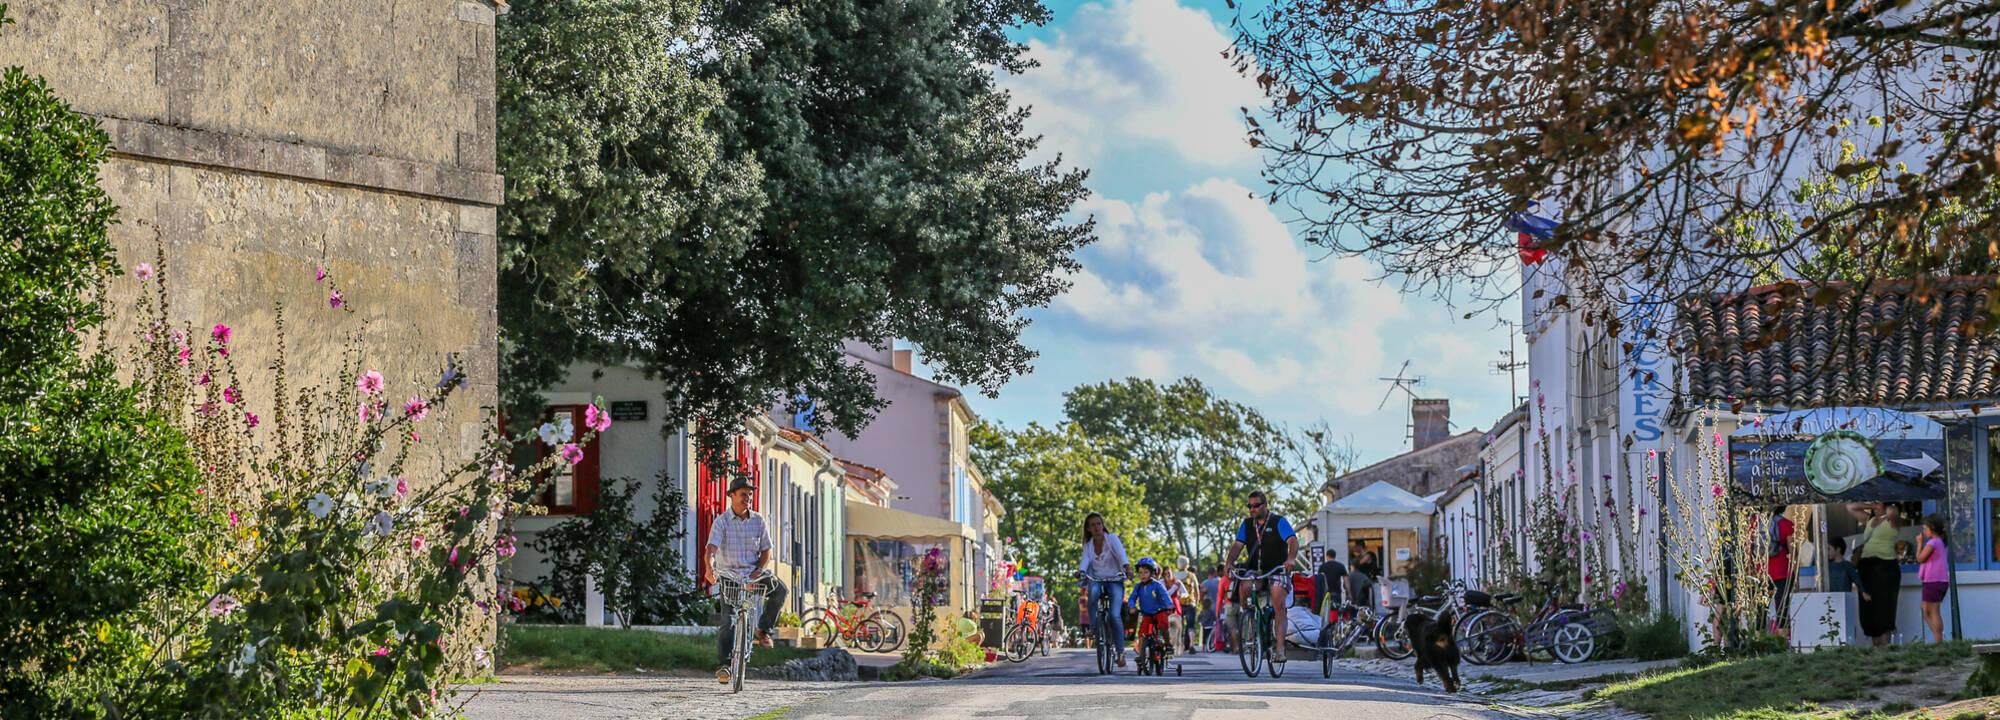 Activit s rochefort oc an office de tourisme de rochefort oc an vacances rochefort - Rochefort office de tourisme ...